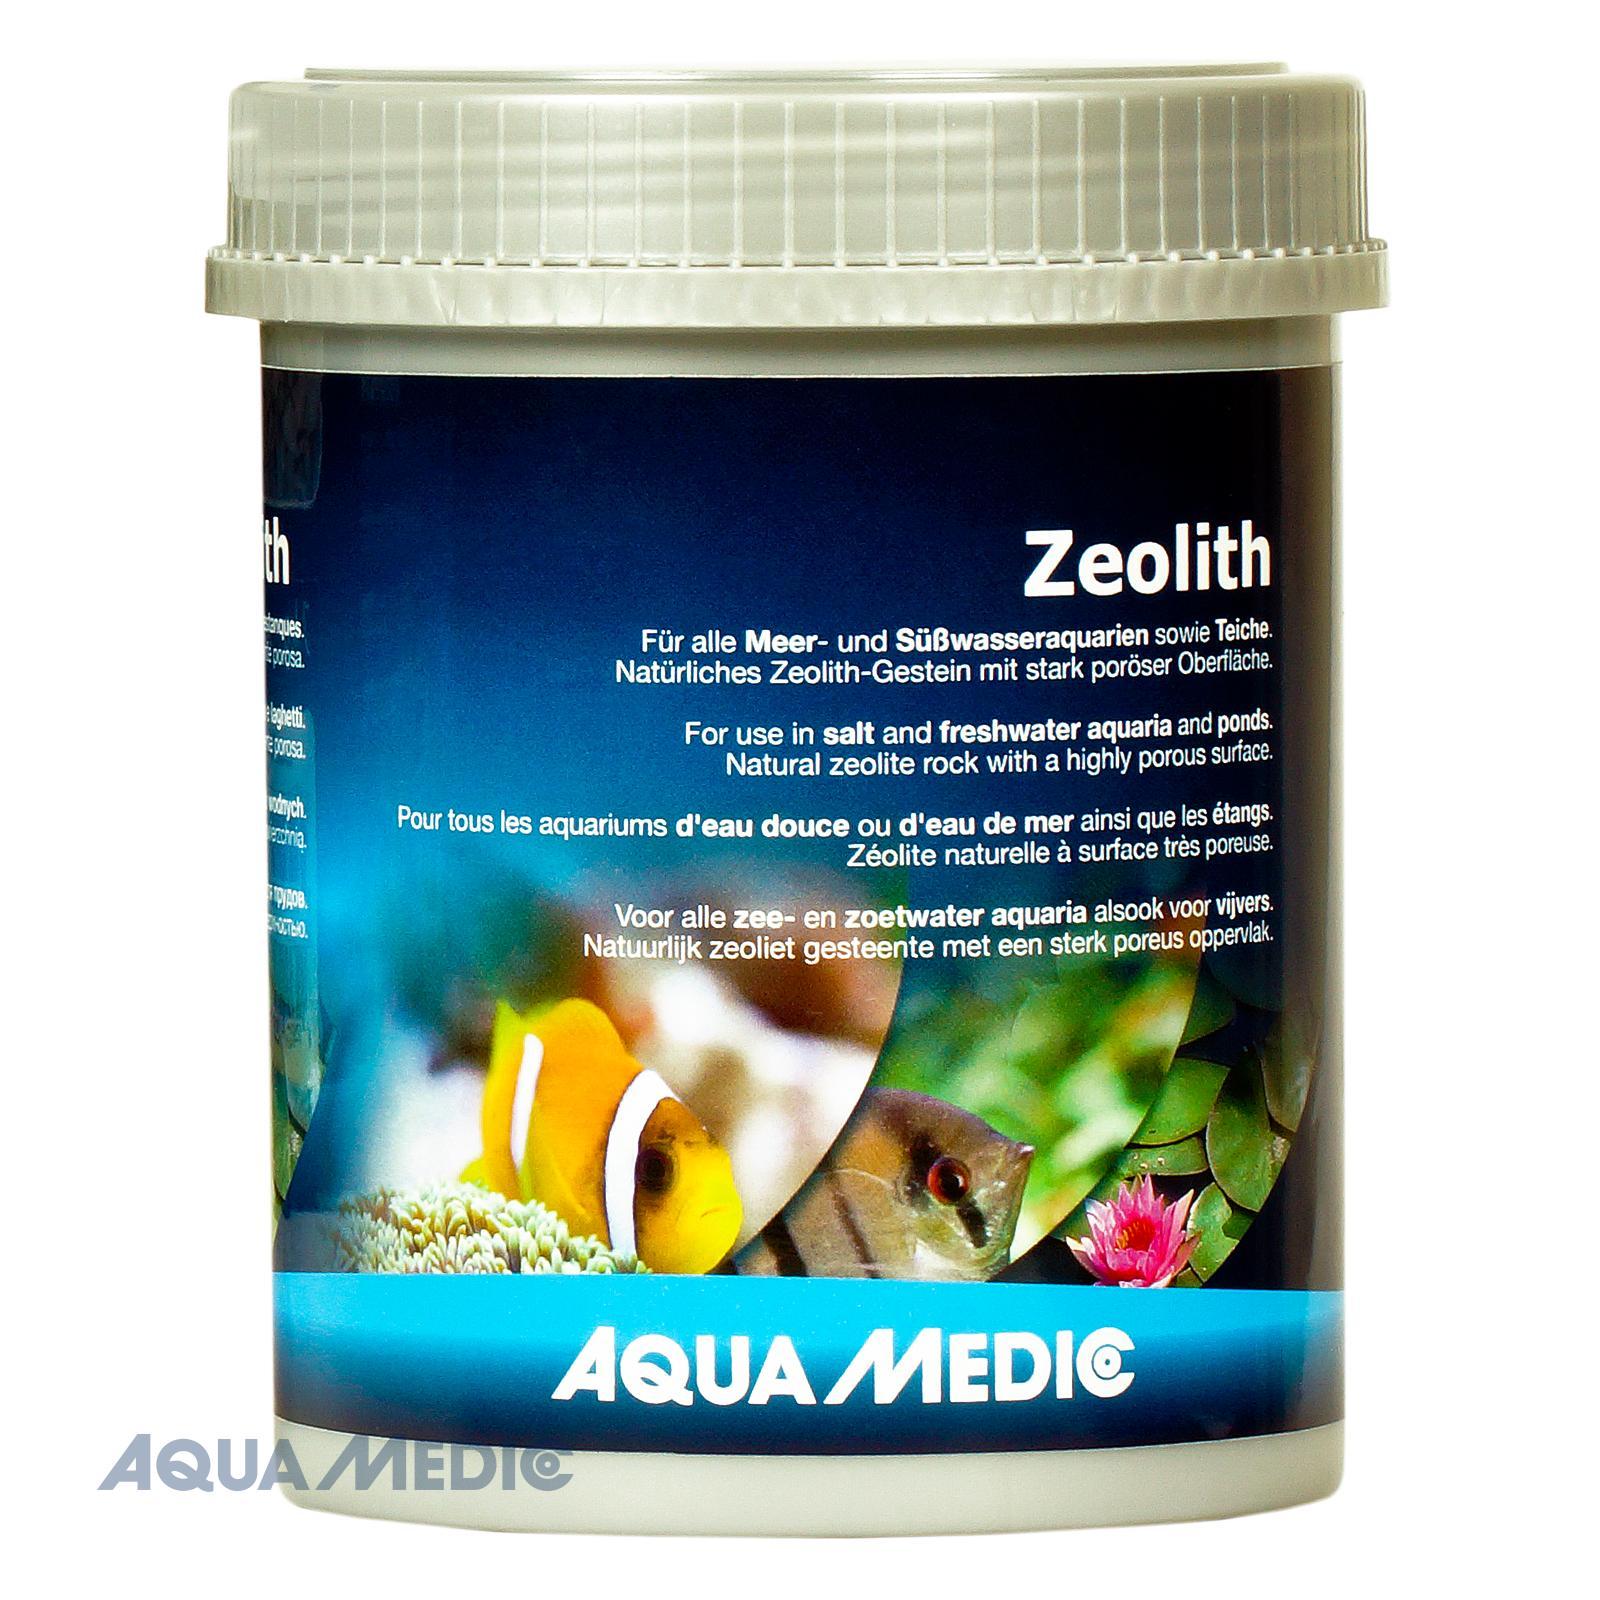 Aquamedic Zeolith